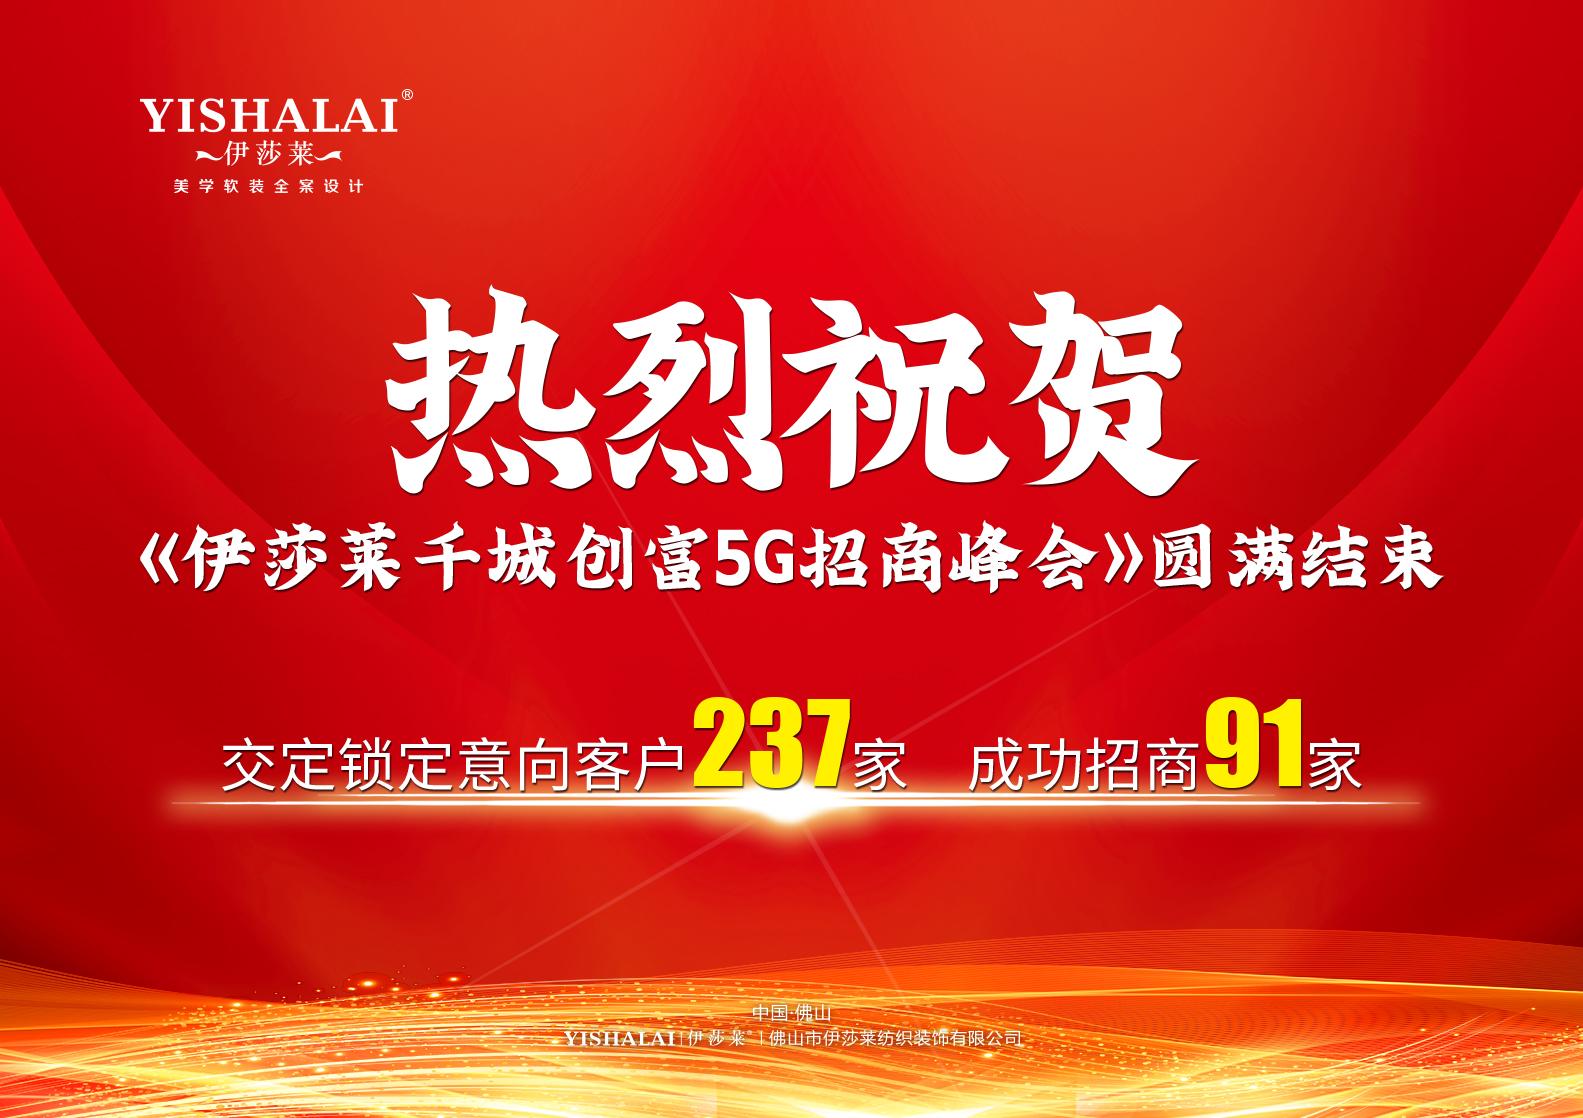 《竞技宝黑钱吗千城创富5G招商峰会》圆满结束,成功签约91家